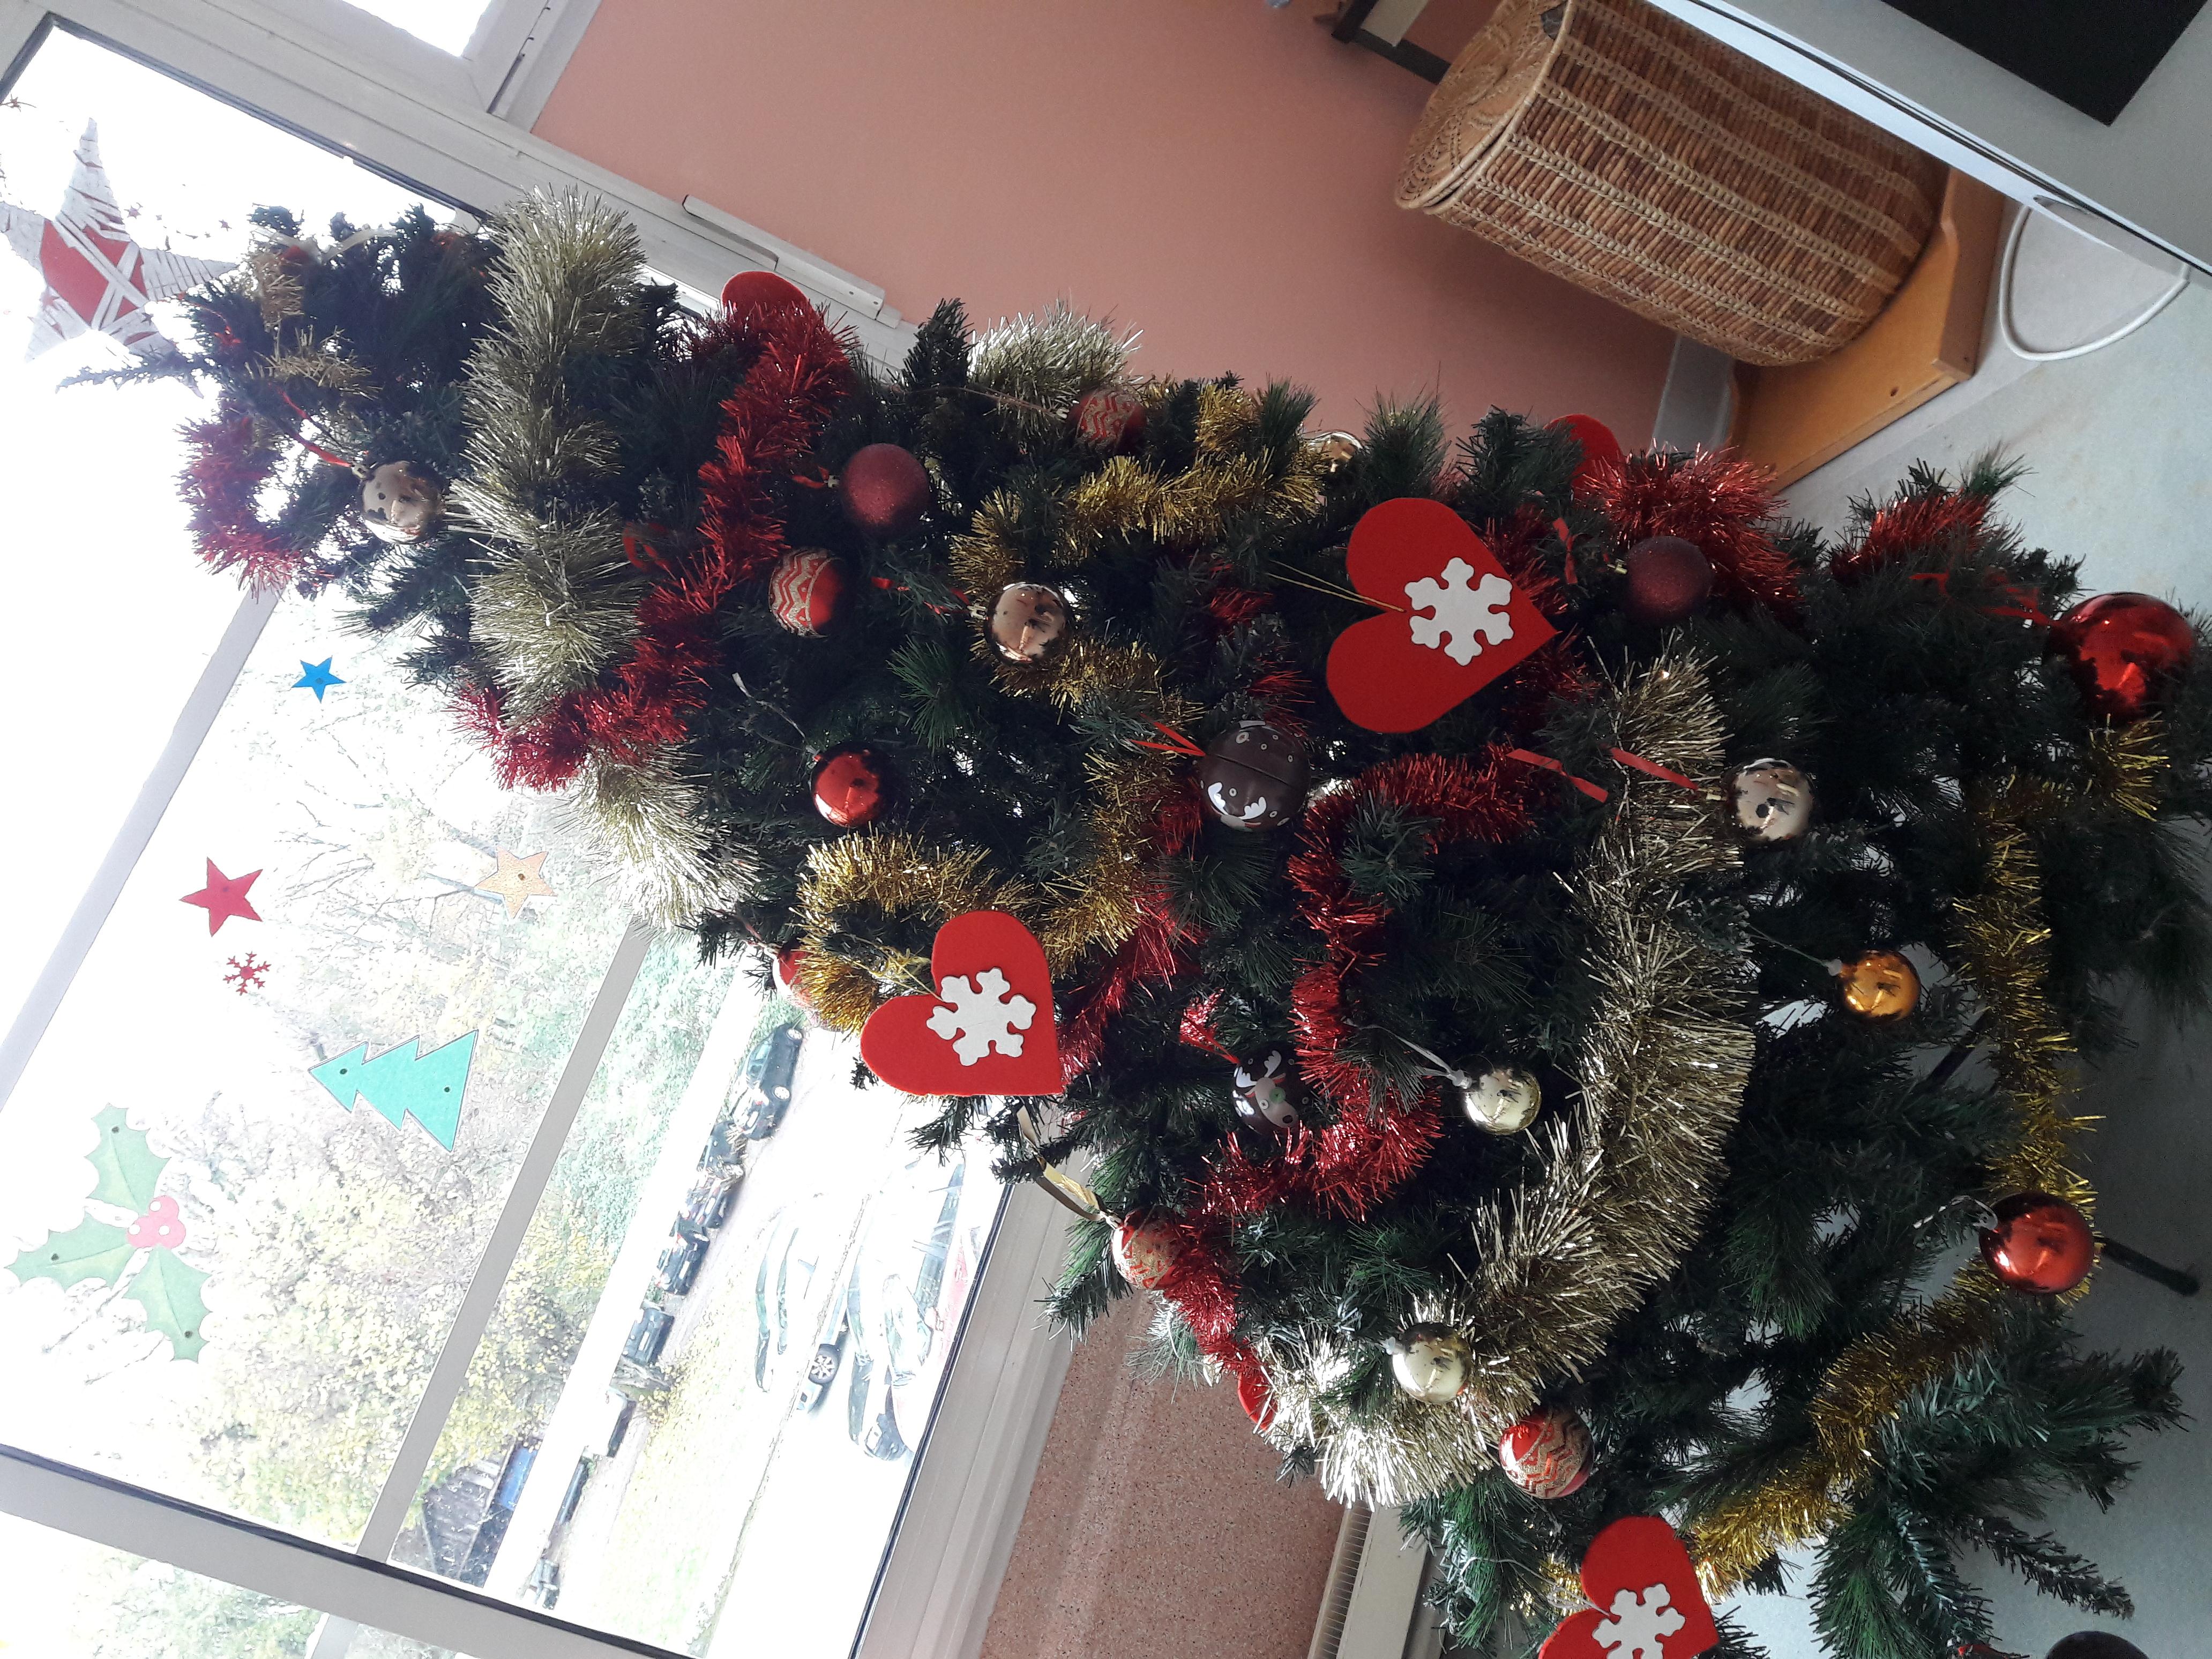 L'EHPAD, aux couleurs de Noël